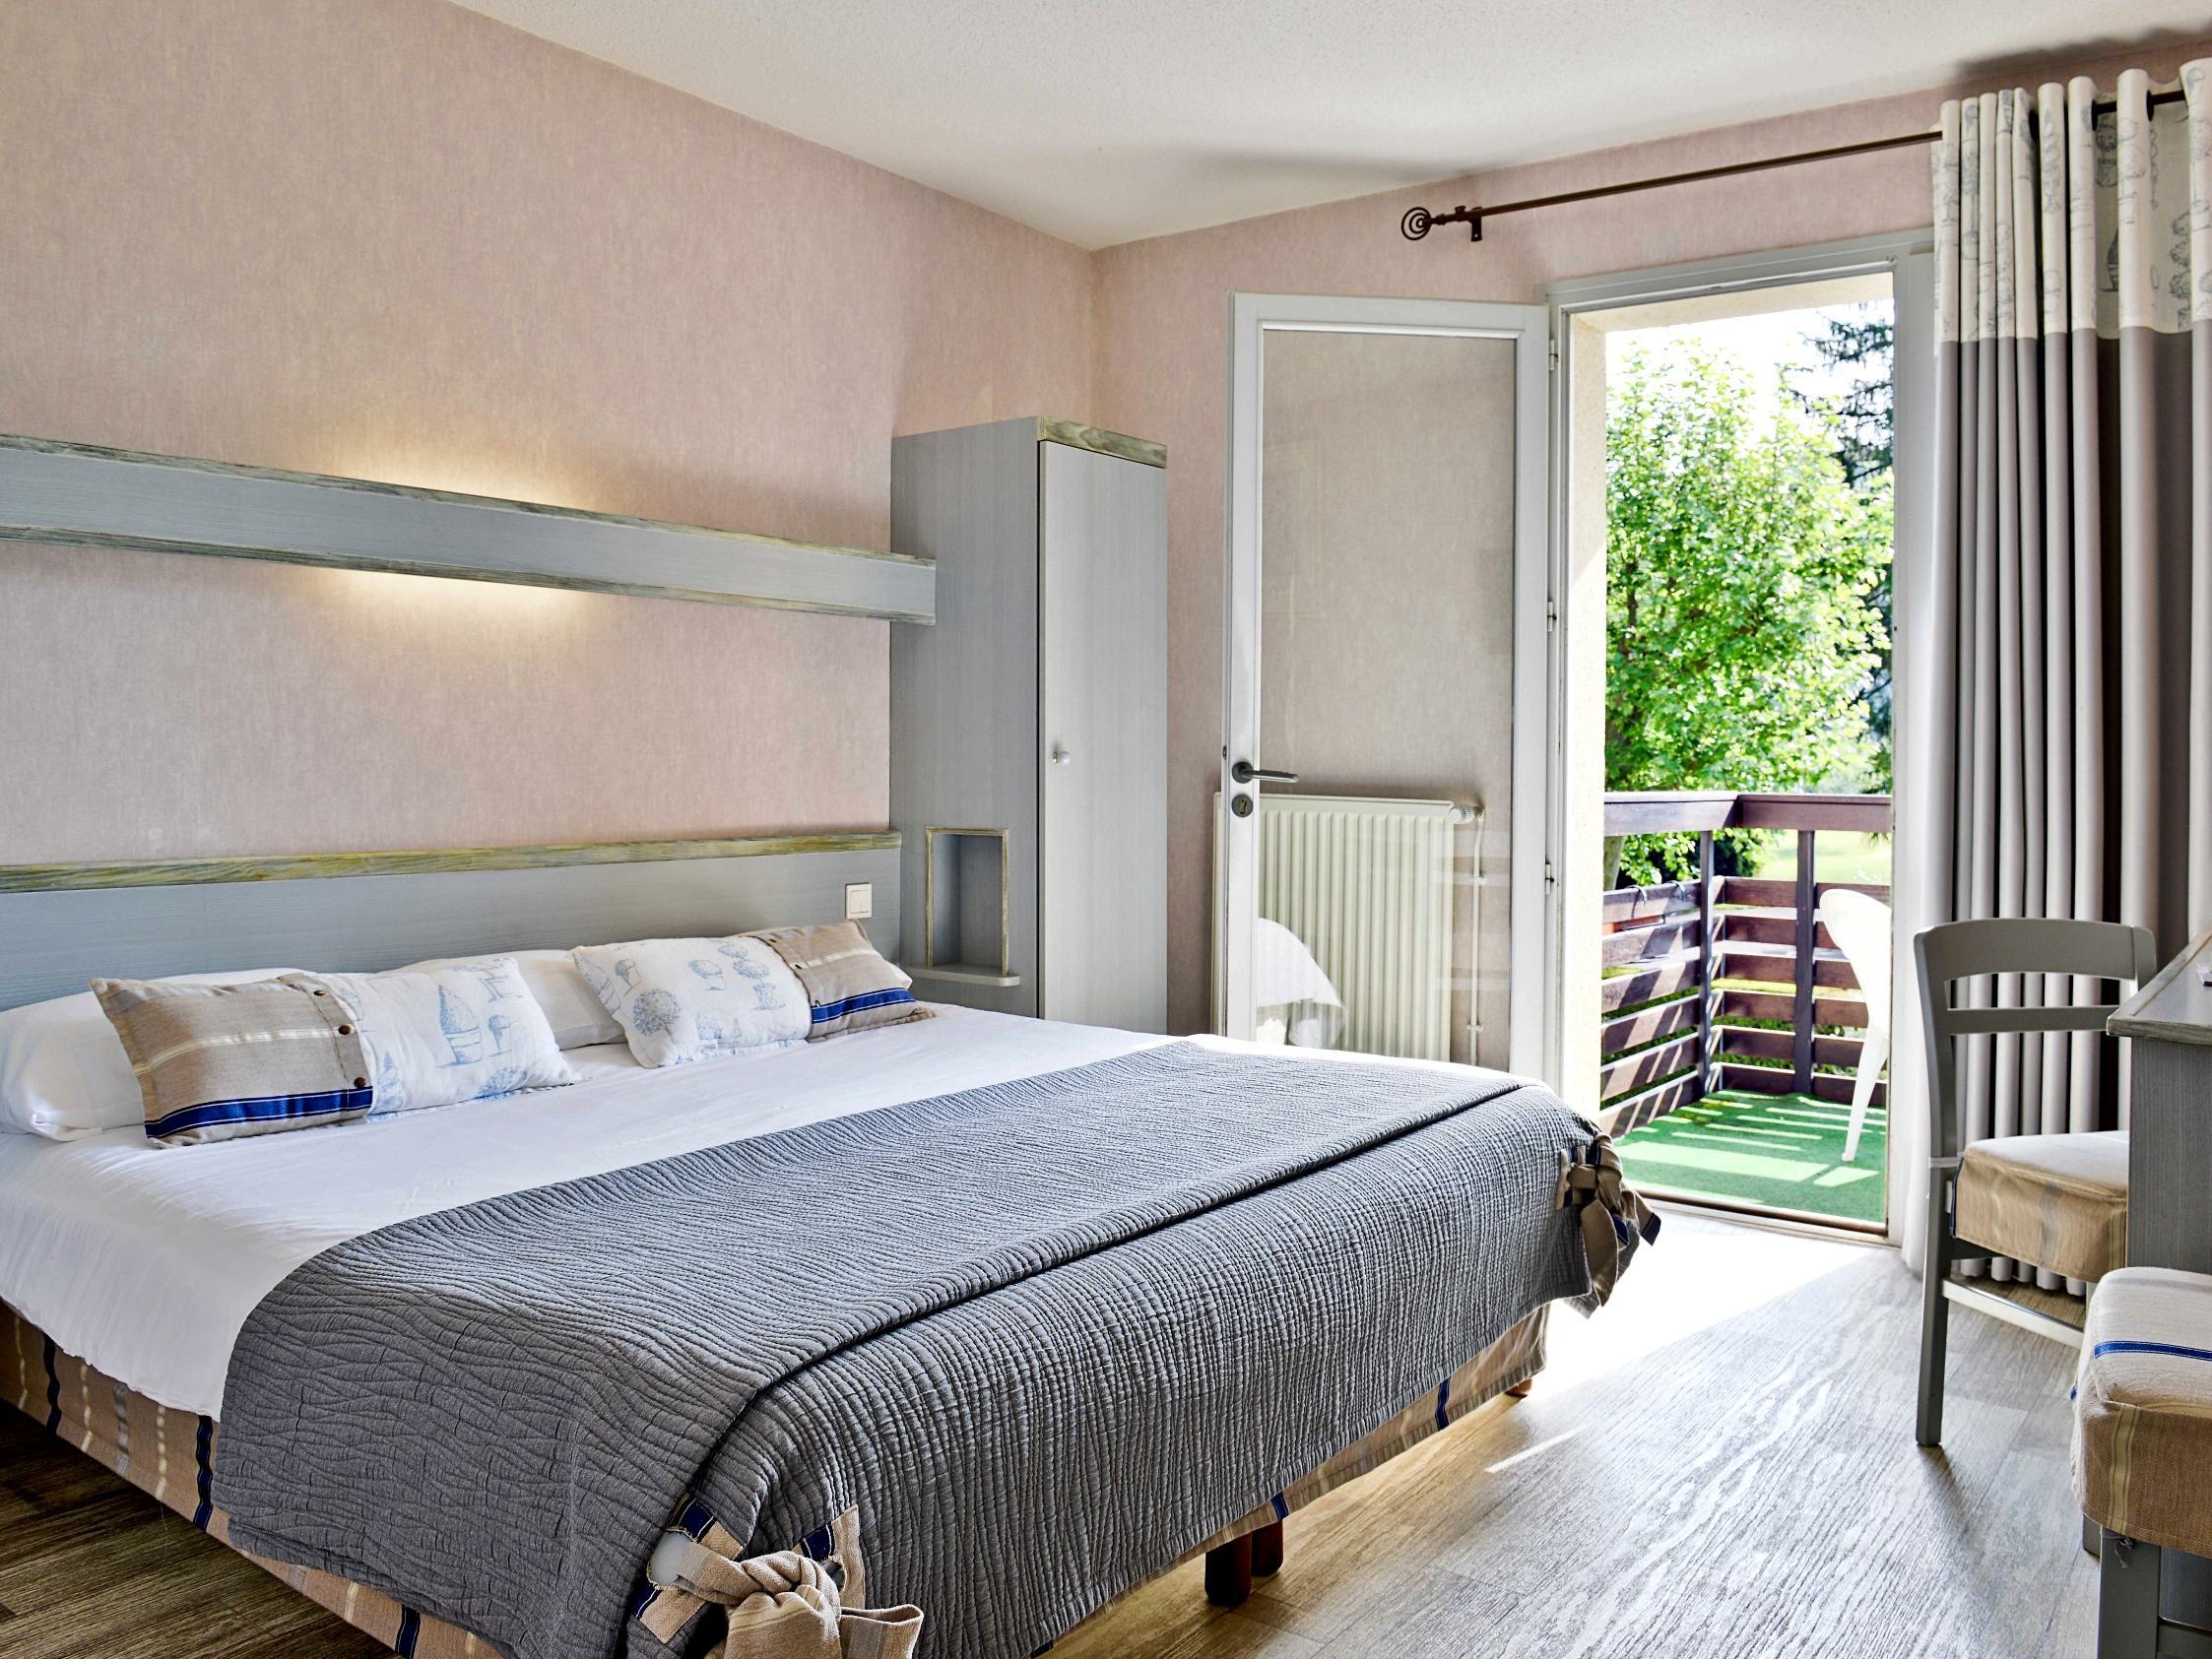 Hotel Estelle Hotel Le Vieux Logis Lestelle Bactharram